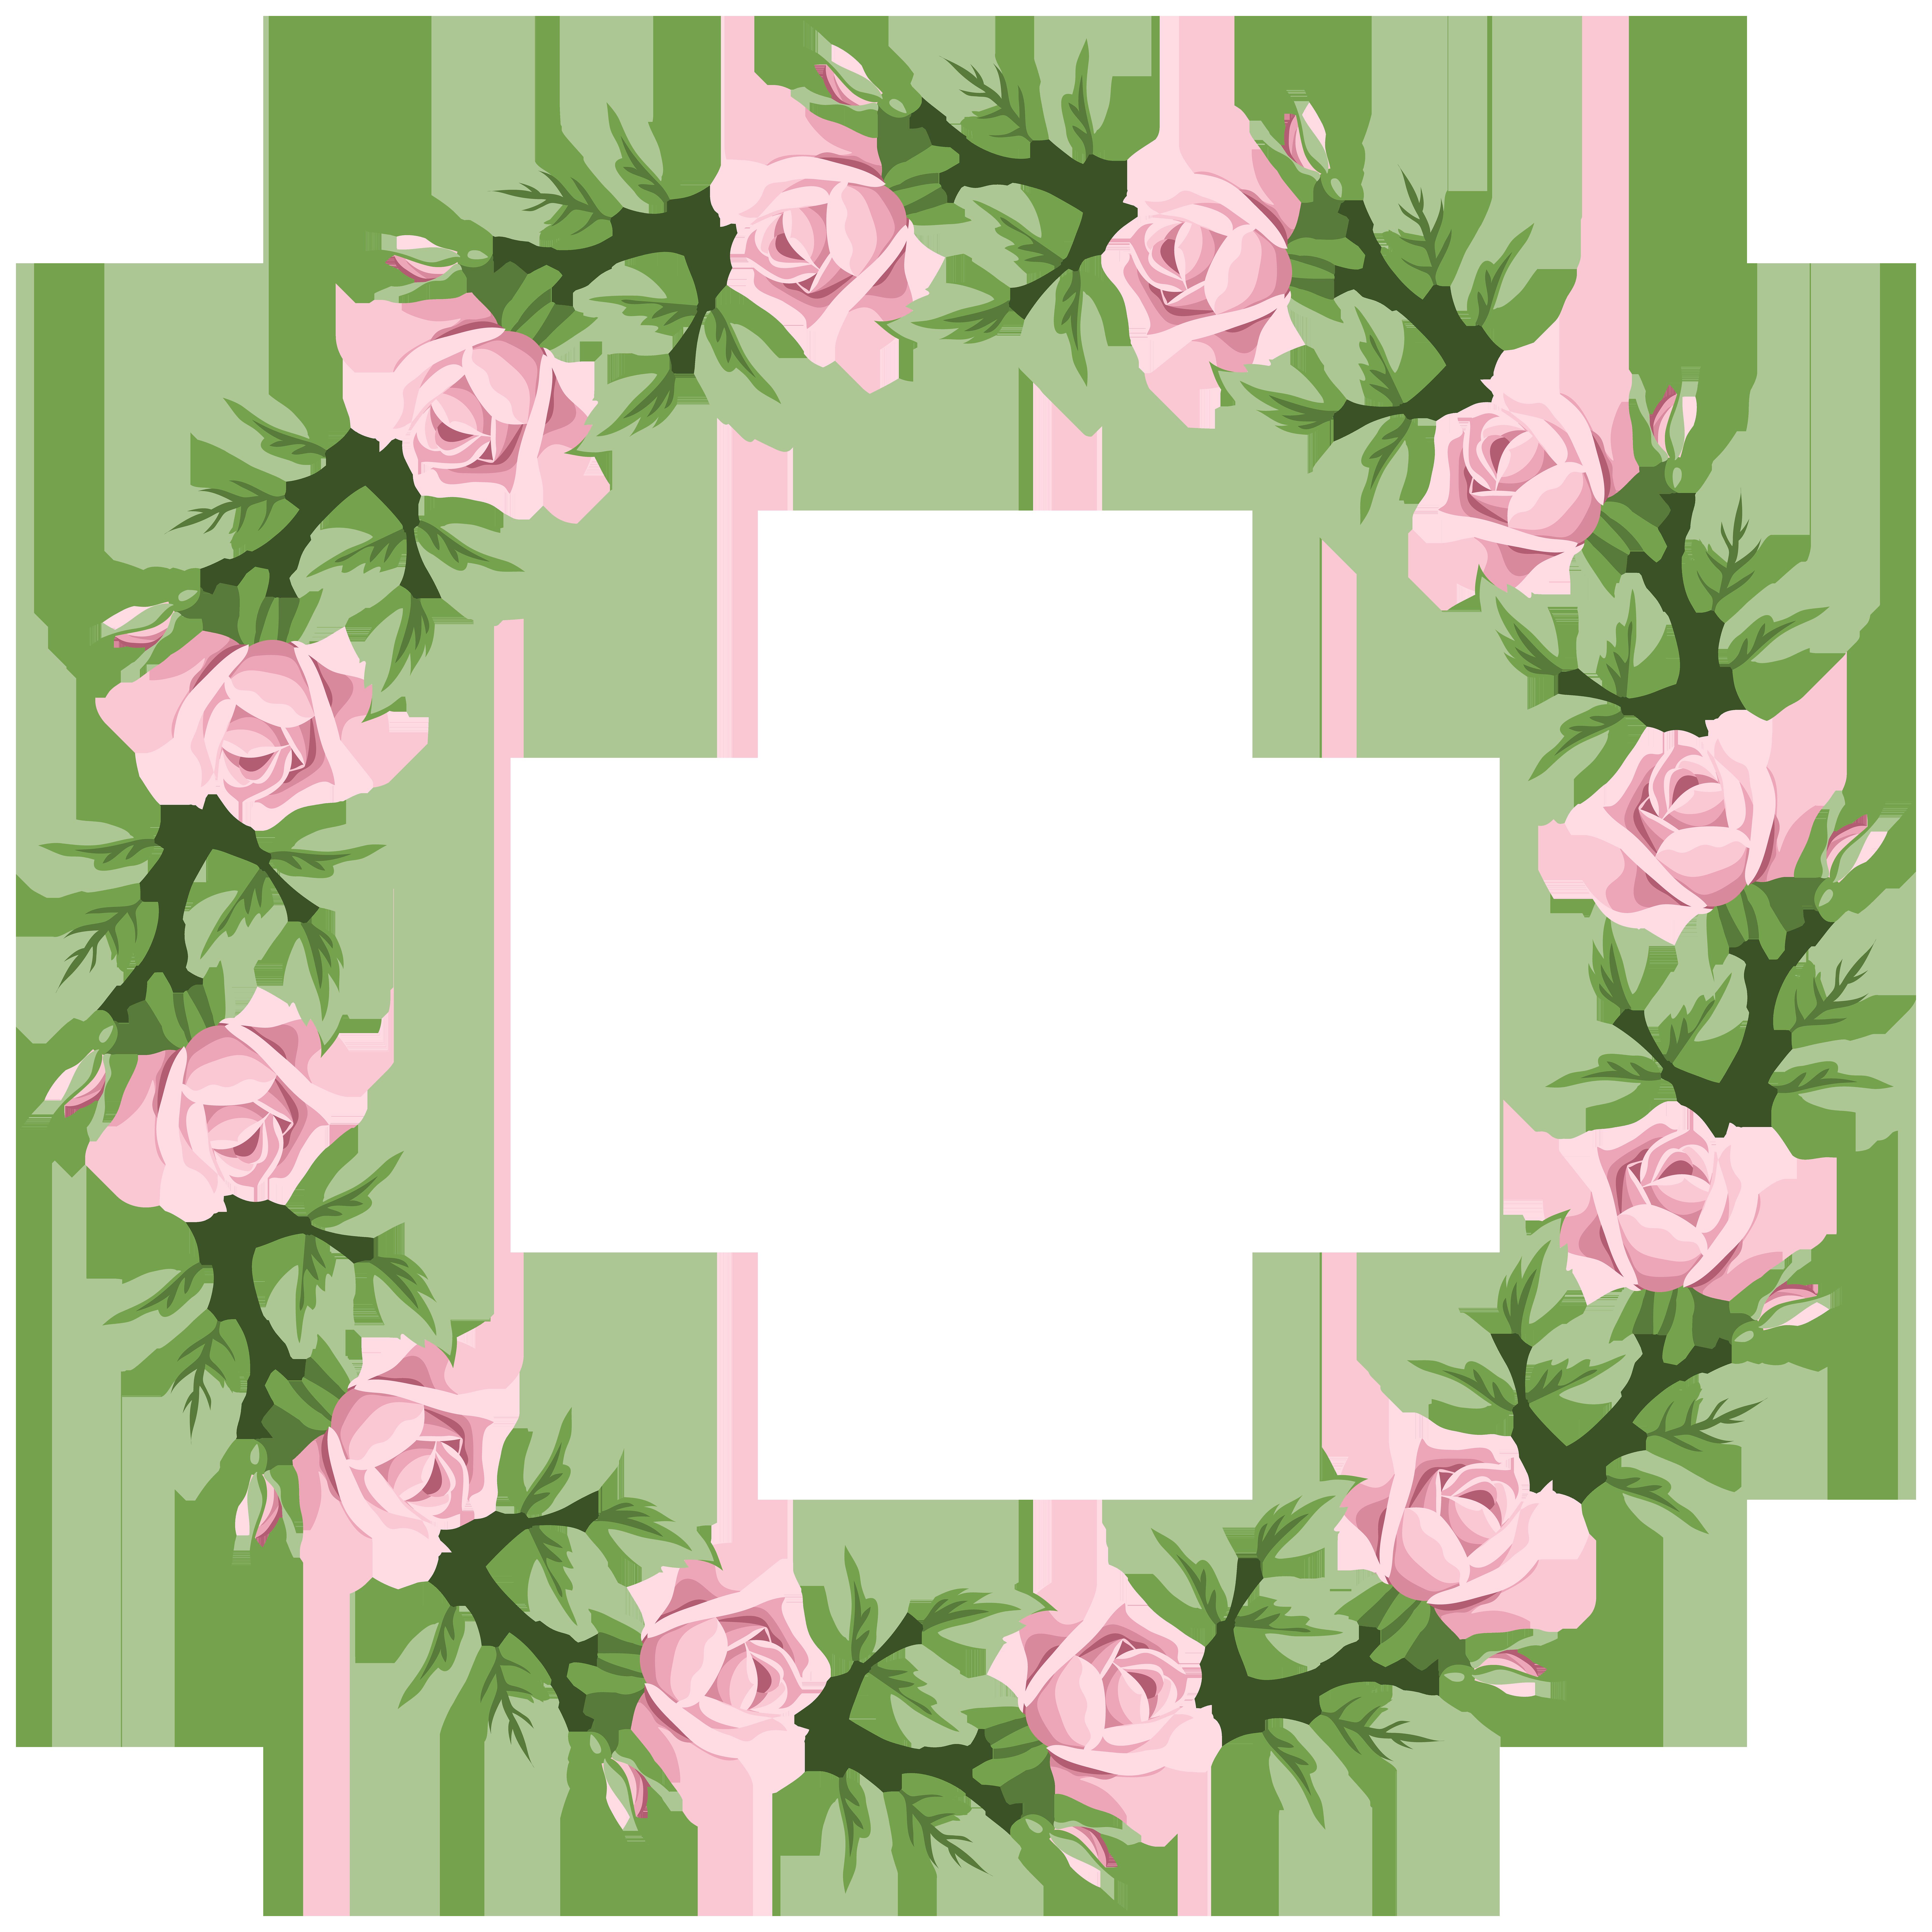 Pink rose border clipart svg stock Pink Rose Border Frame Transparent PNG Clip Art | Gallery ... svg stock